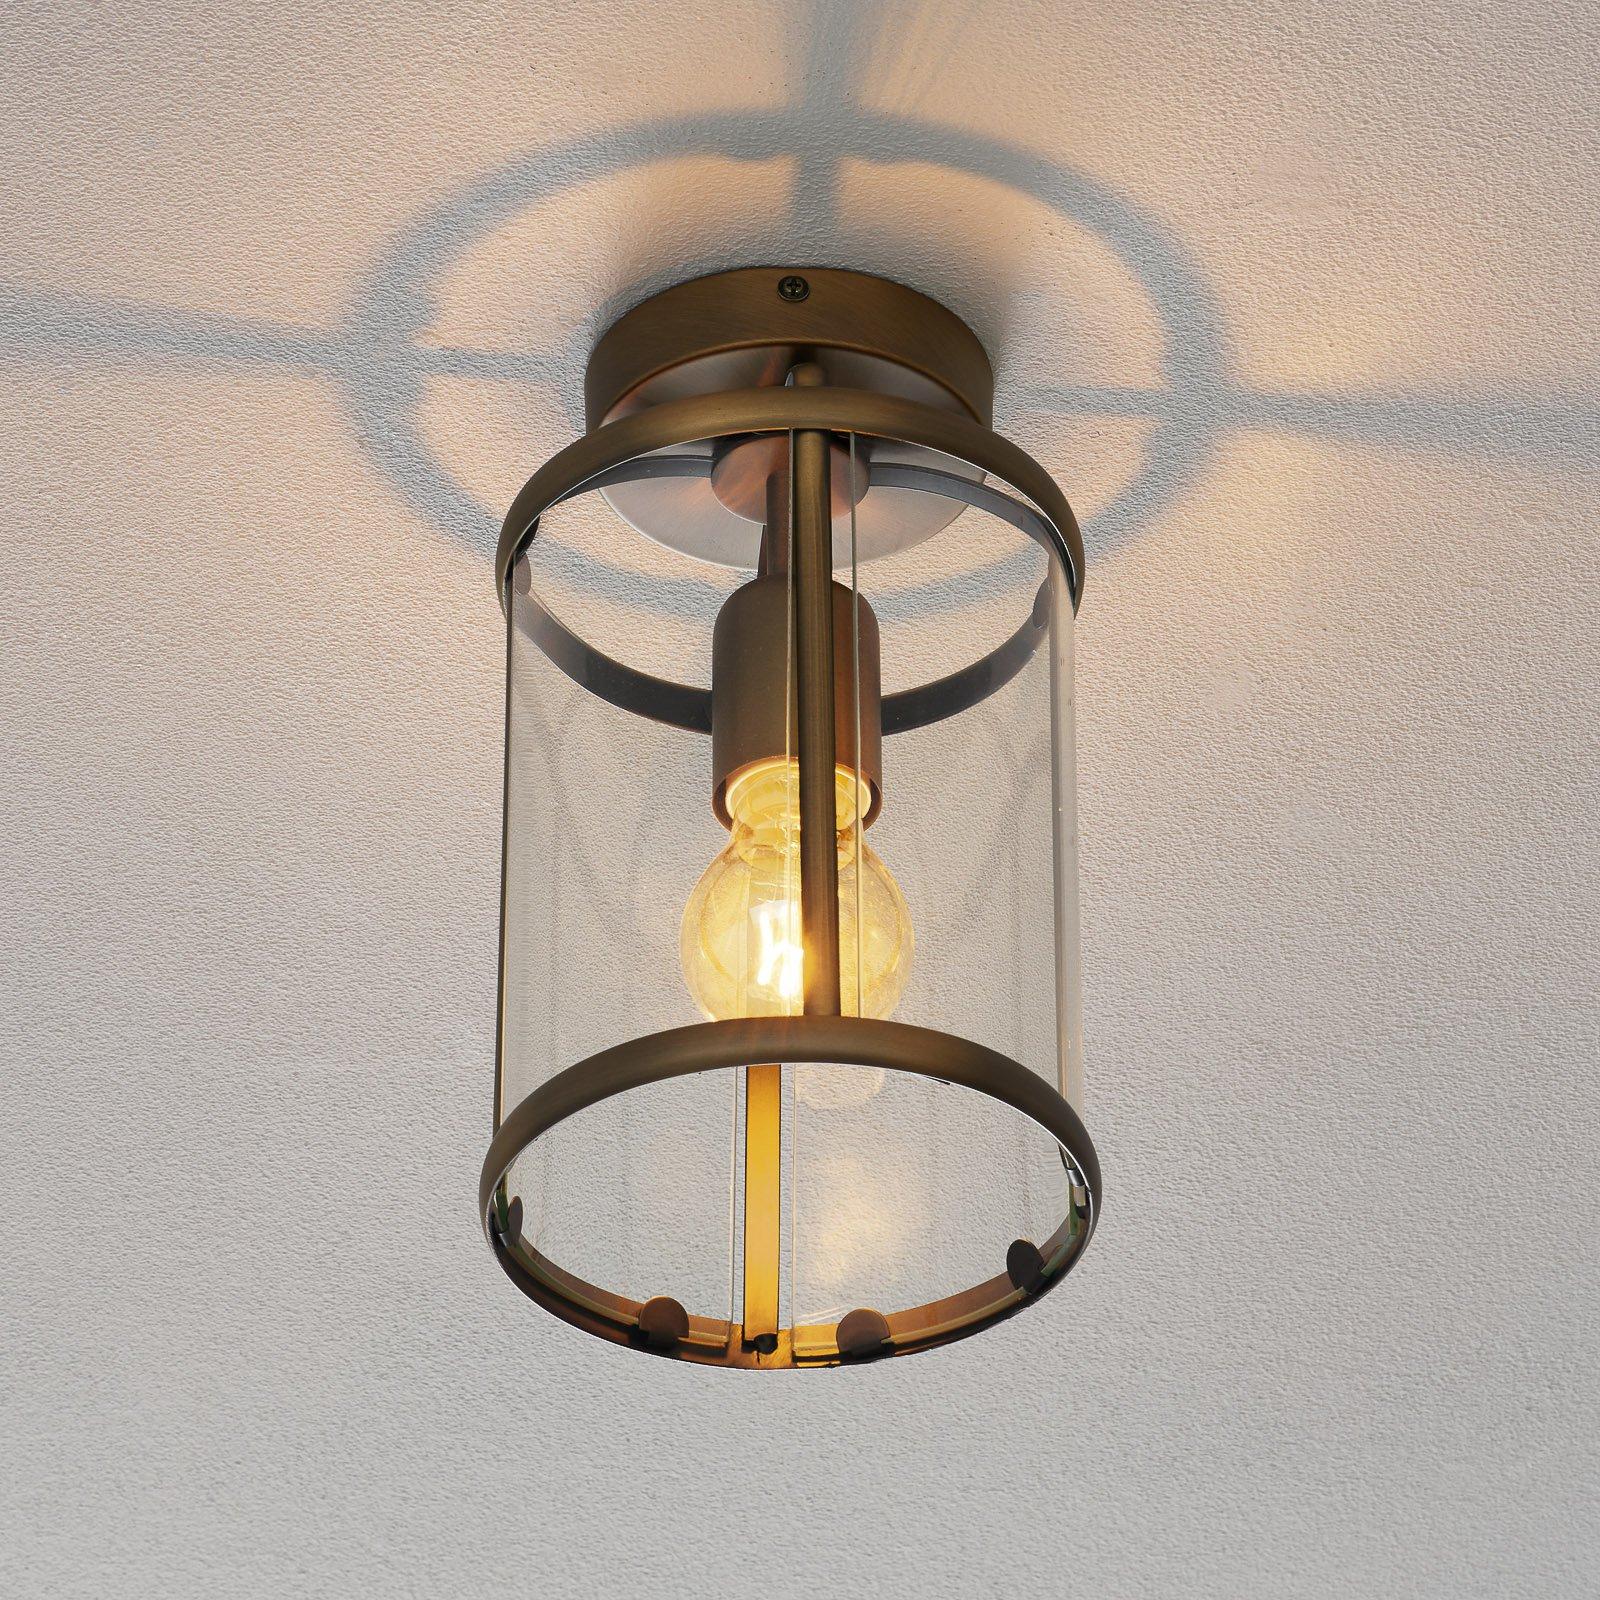 Tiltalende Pimpernel taklampe